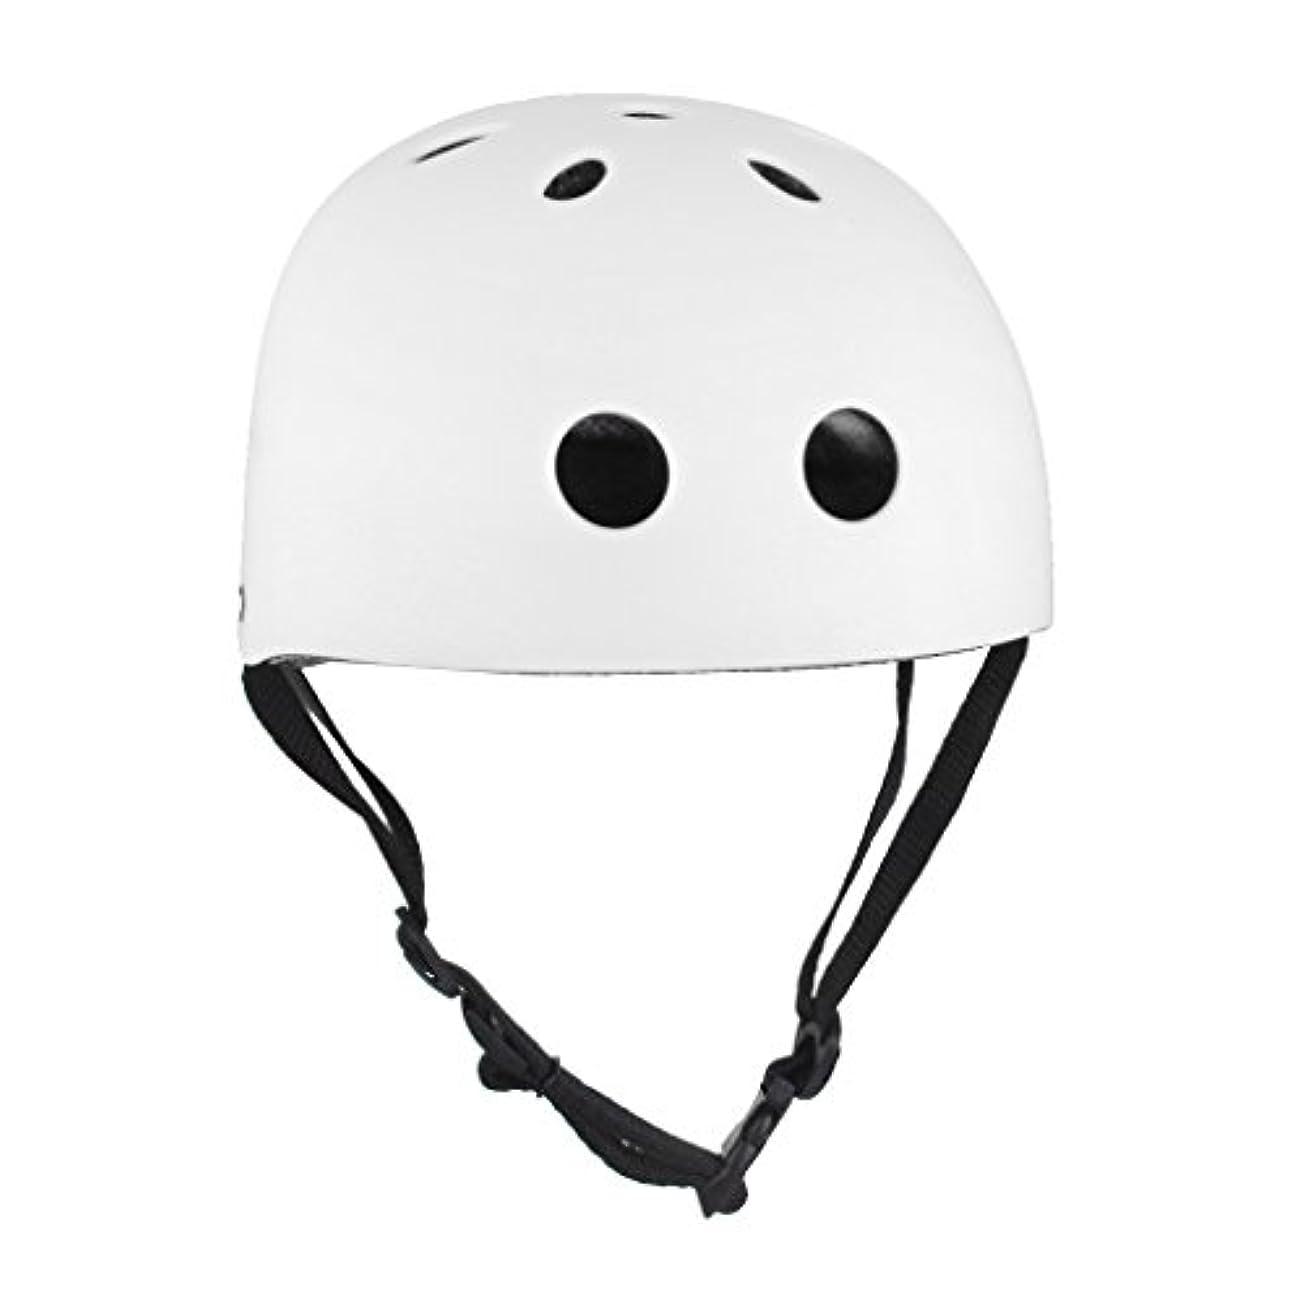 骨折リゾートスリーブ【ノーブランド品】自転車 保護 ヘルメット 安全 保護 帽子 防災帽子 Lサイズ 白